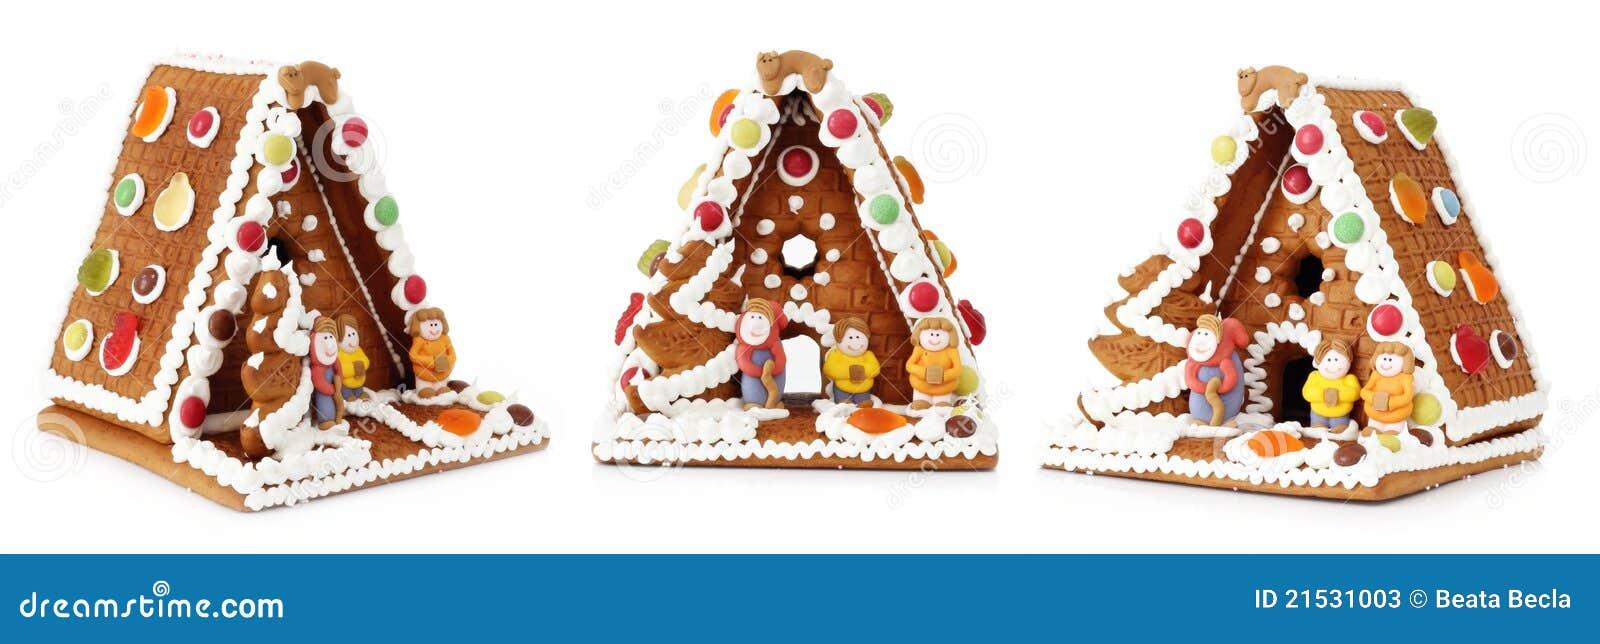 Decorazione della casa di pan di zenzero di natale immagine stock immagine di gingerbread - Giochi di decorazione della casa ...